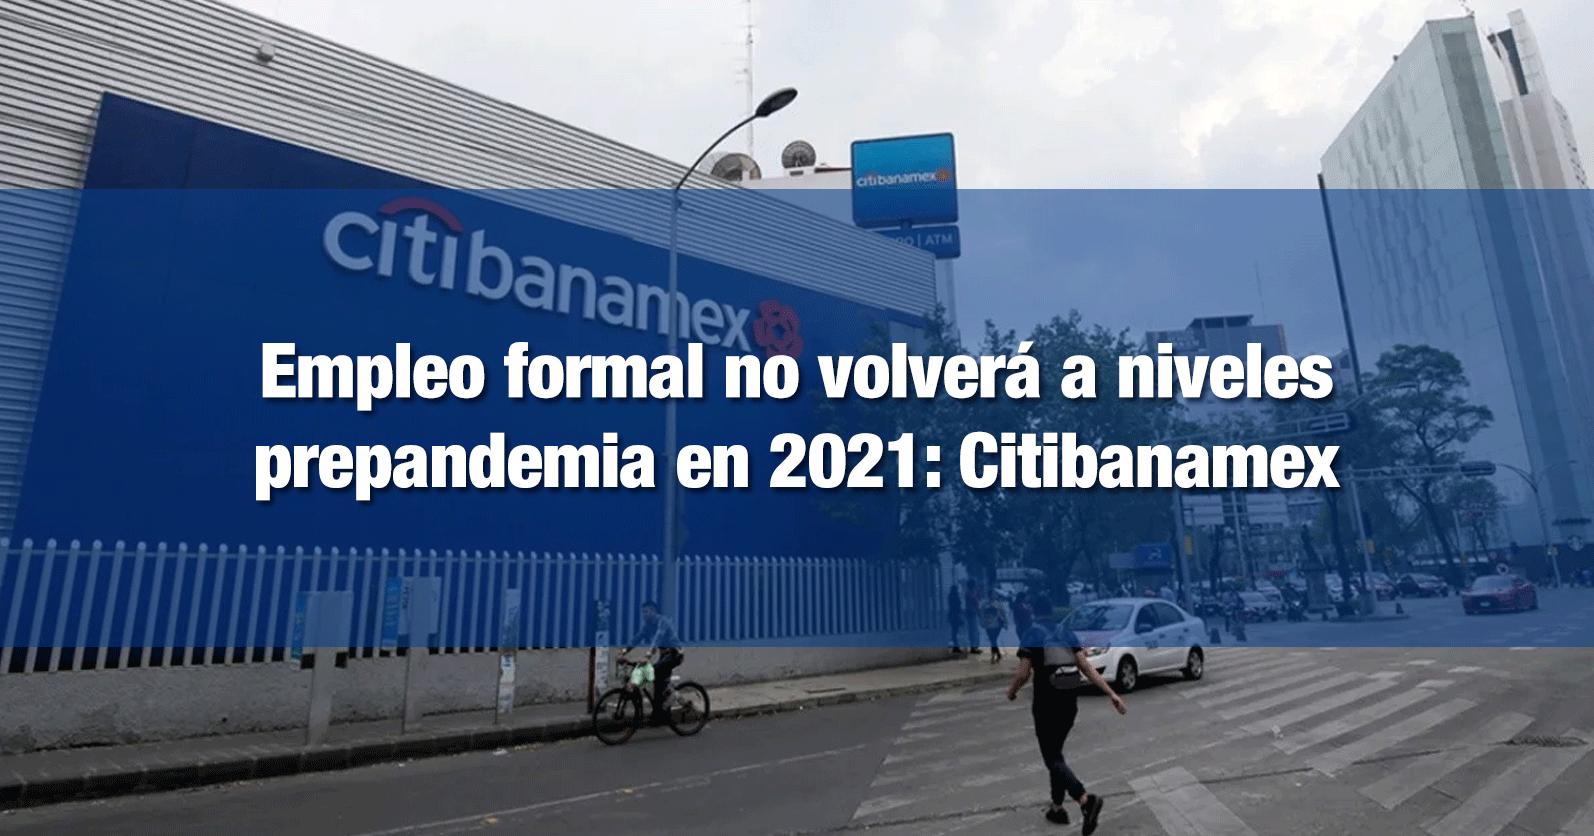 Empleo formal no volverá a niveles prepandemia en 2021: Citibanamex